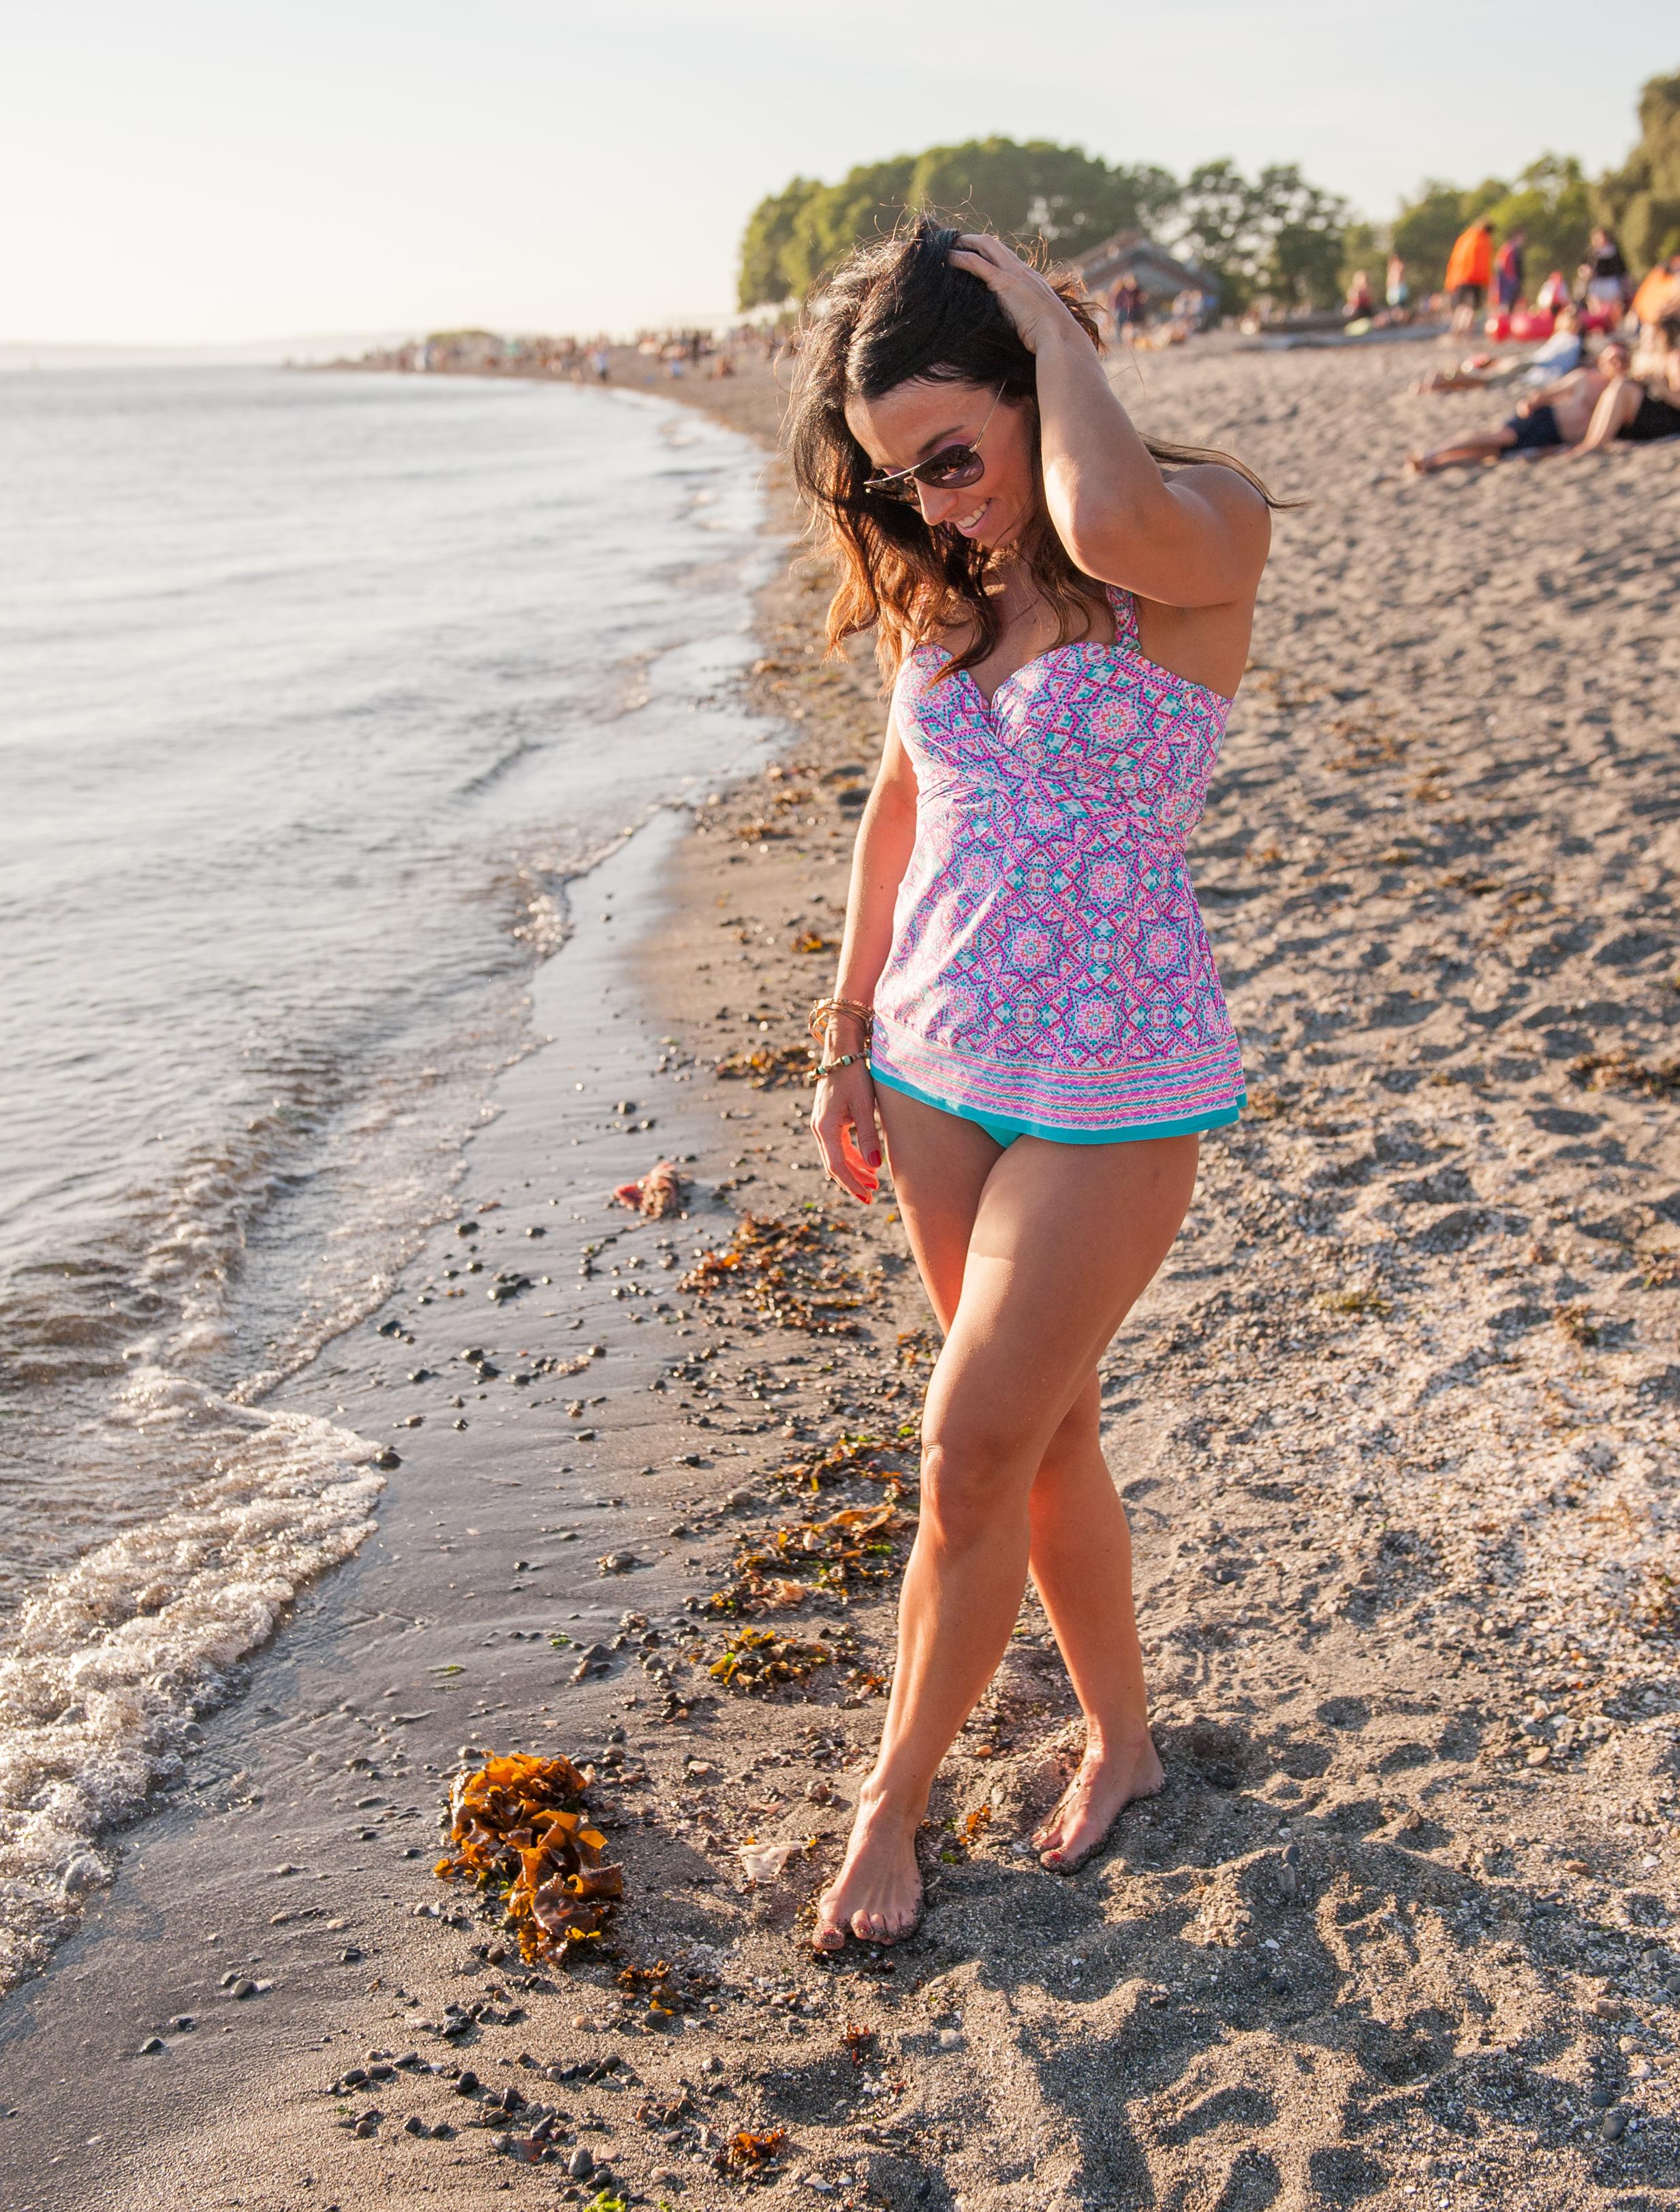 Five Way Bra Sized Bikini Tankini from Coco Reef Side Shirred Bikini Bottom in an Aqua Breeze from Coco Reef